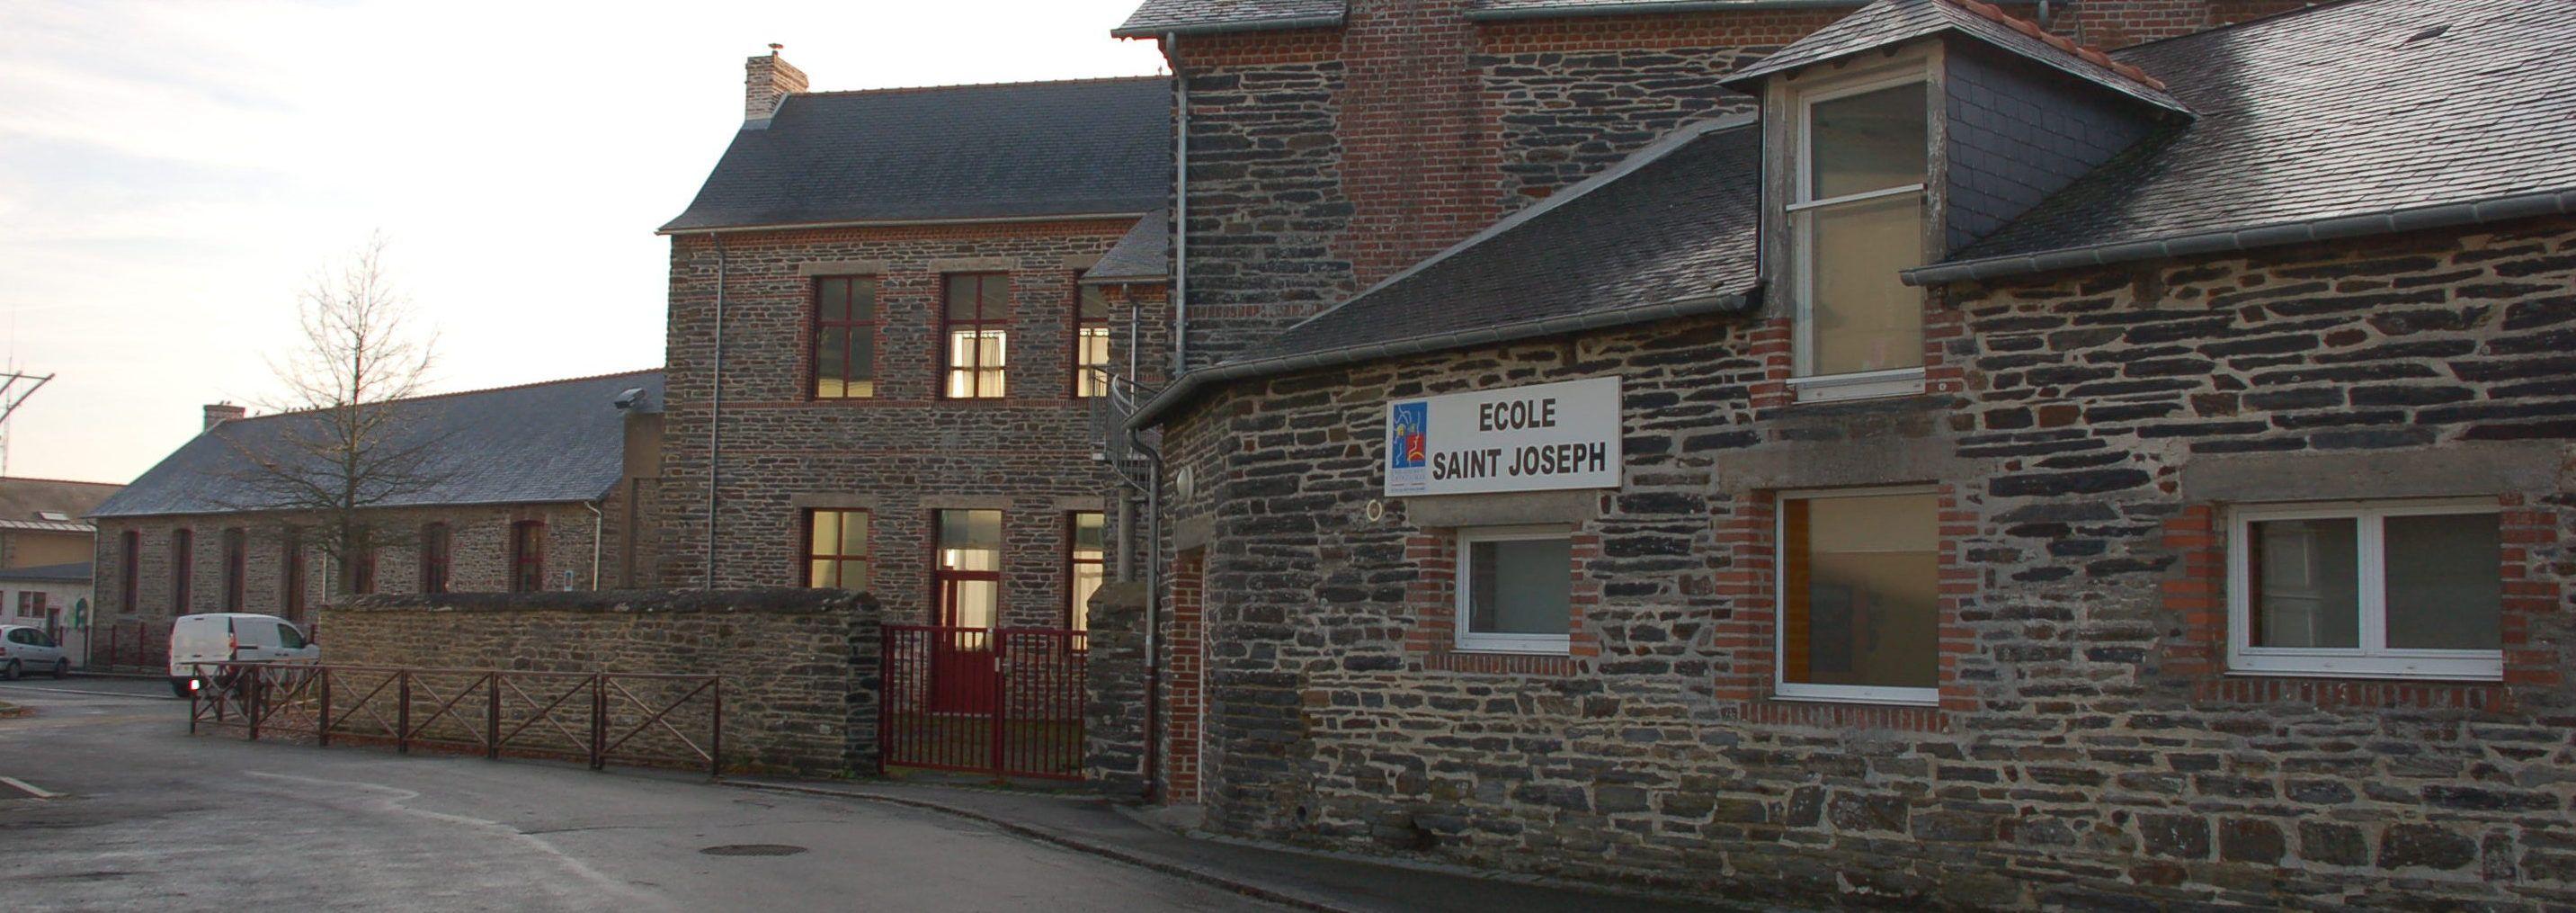 Bandeau de la page 'Ecole privée Saint Joseph